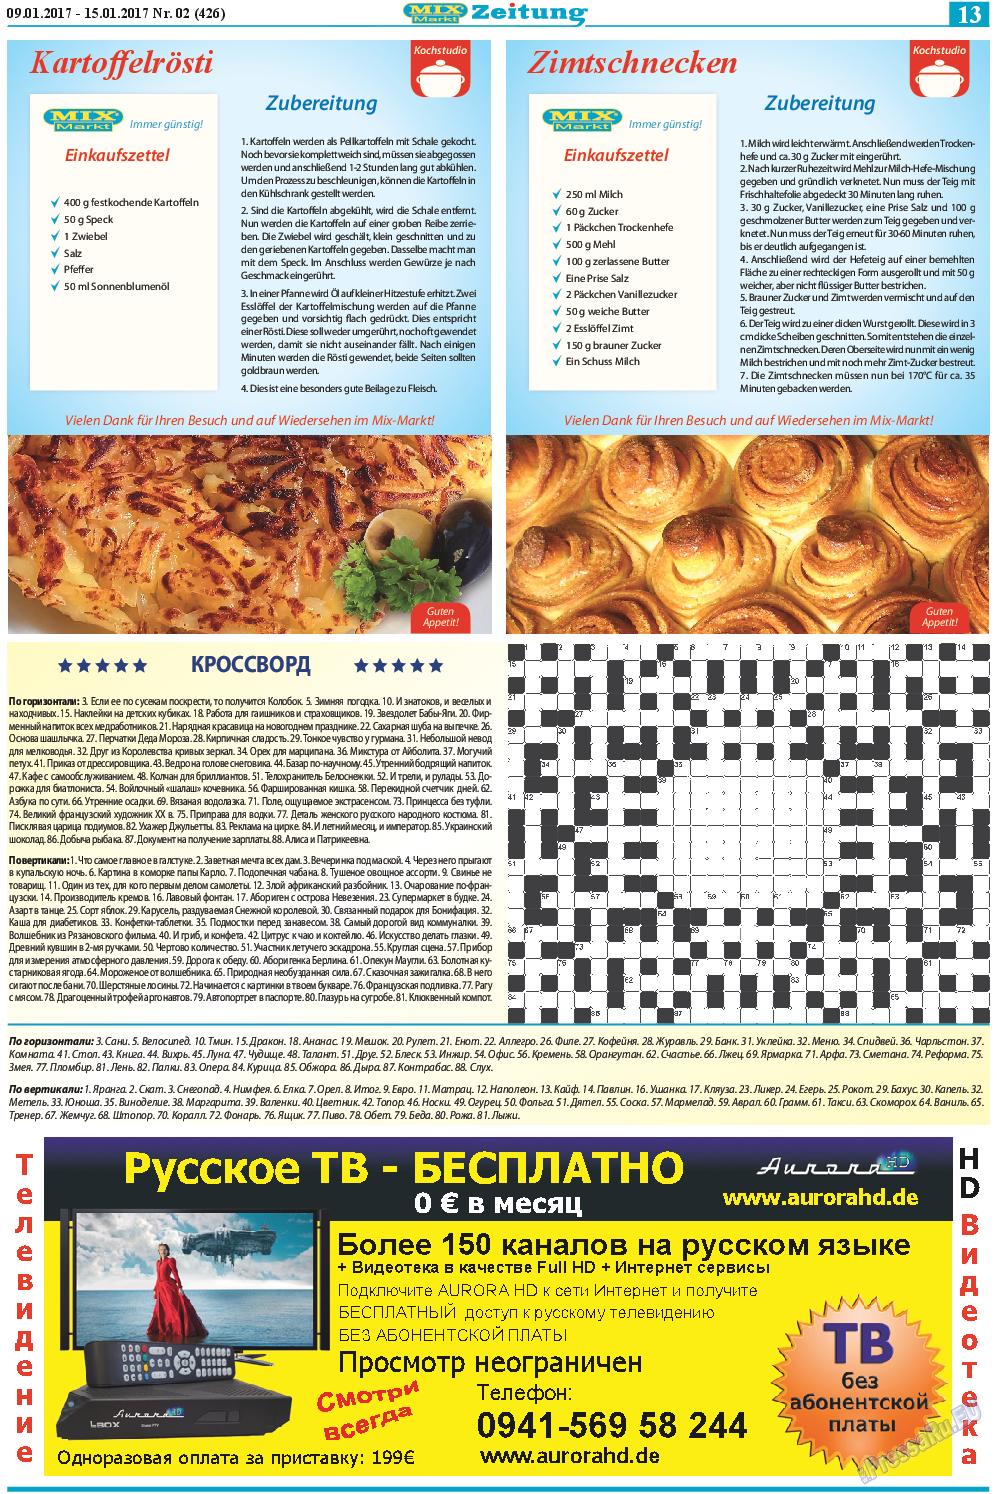 MIX-Markt Zeitung (газета). 2017 год, номер 2, стр. 13